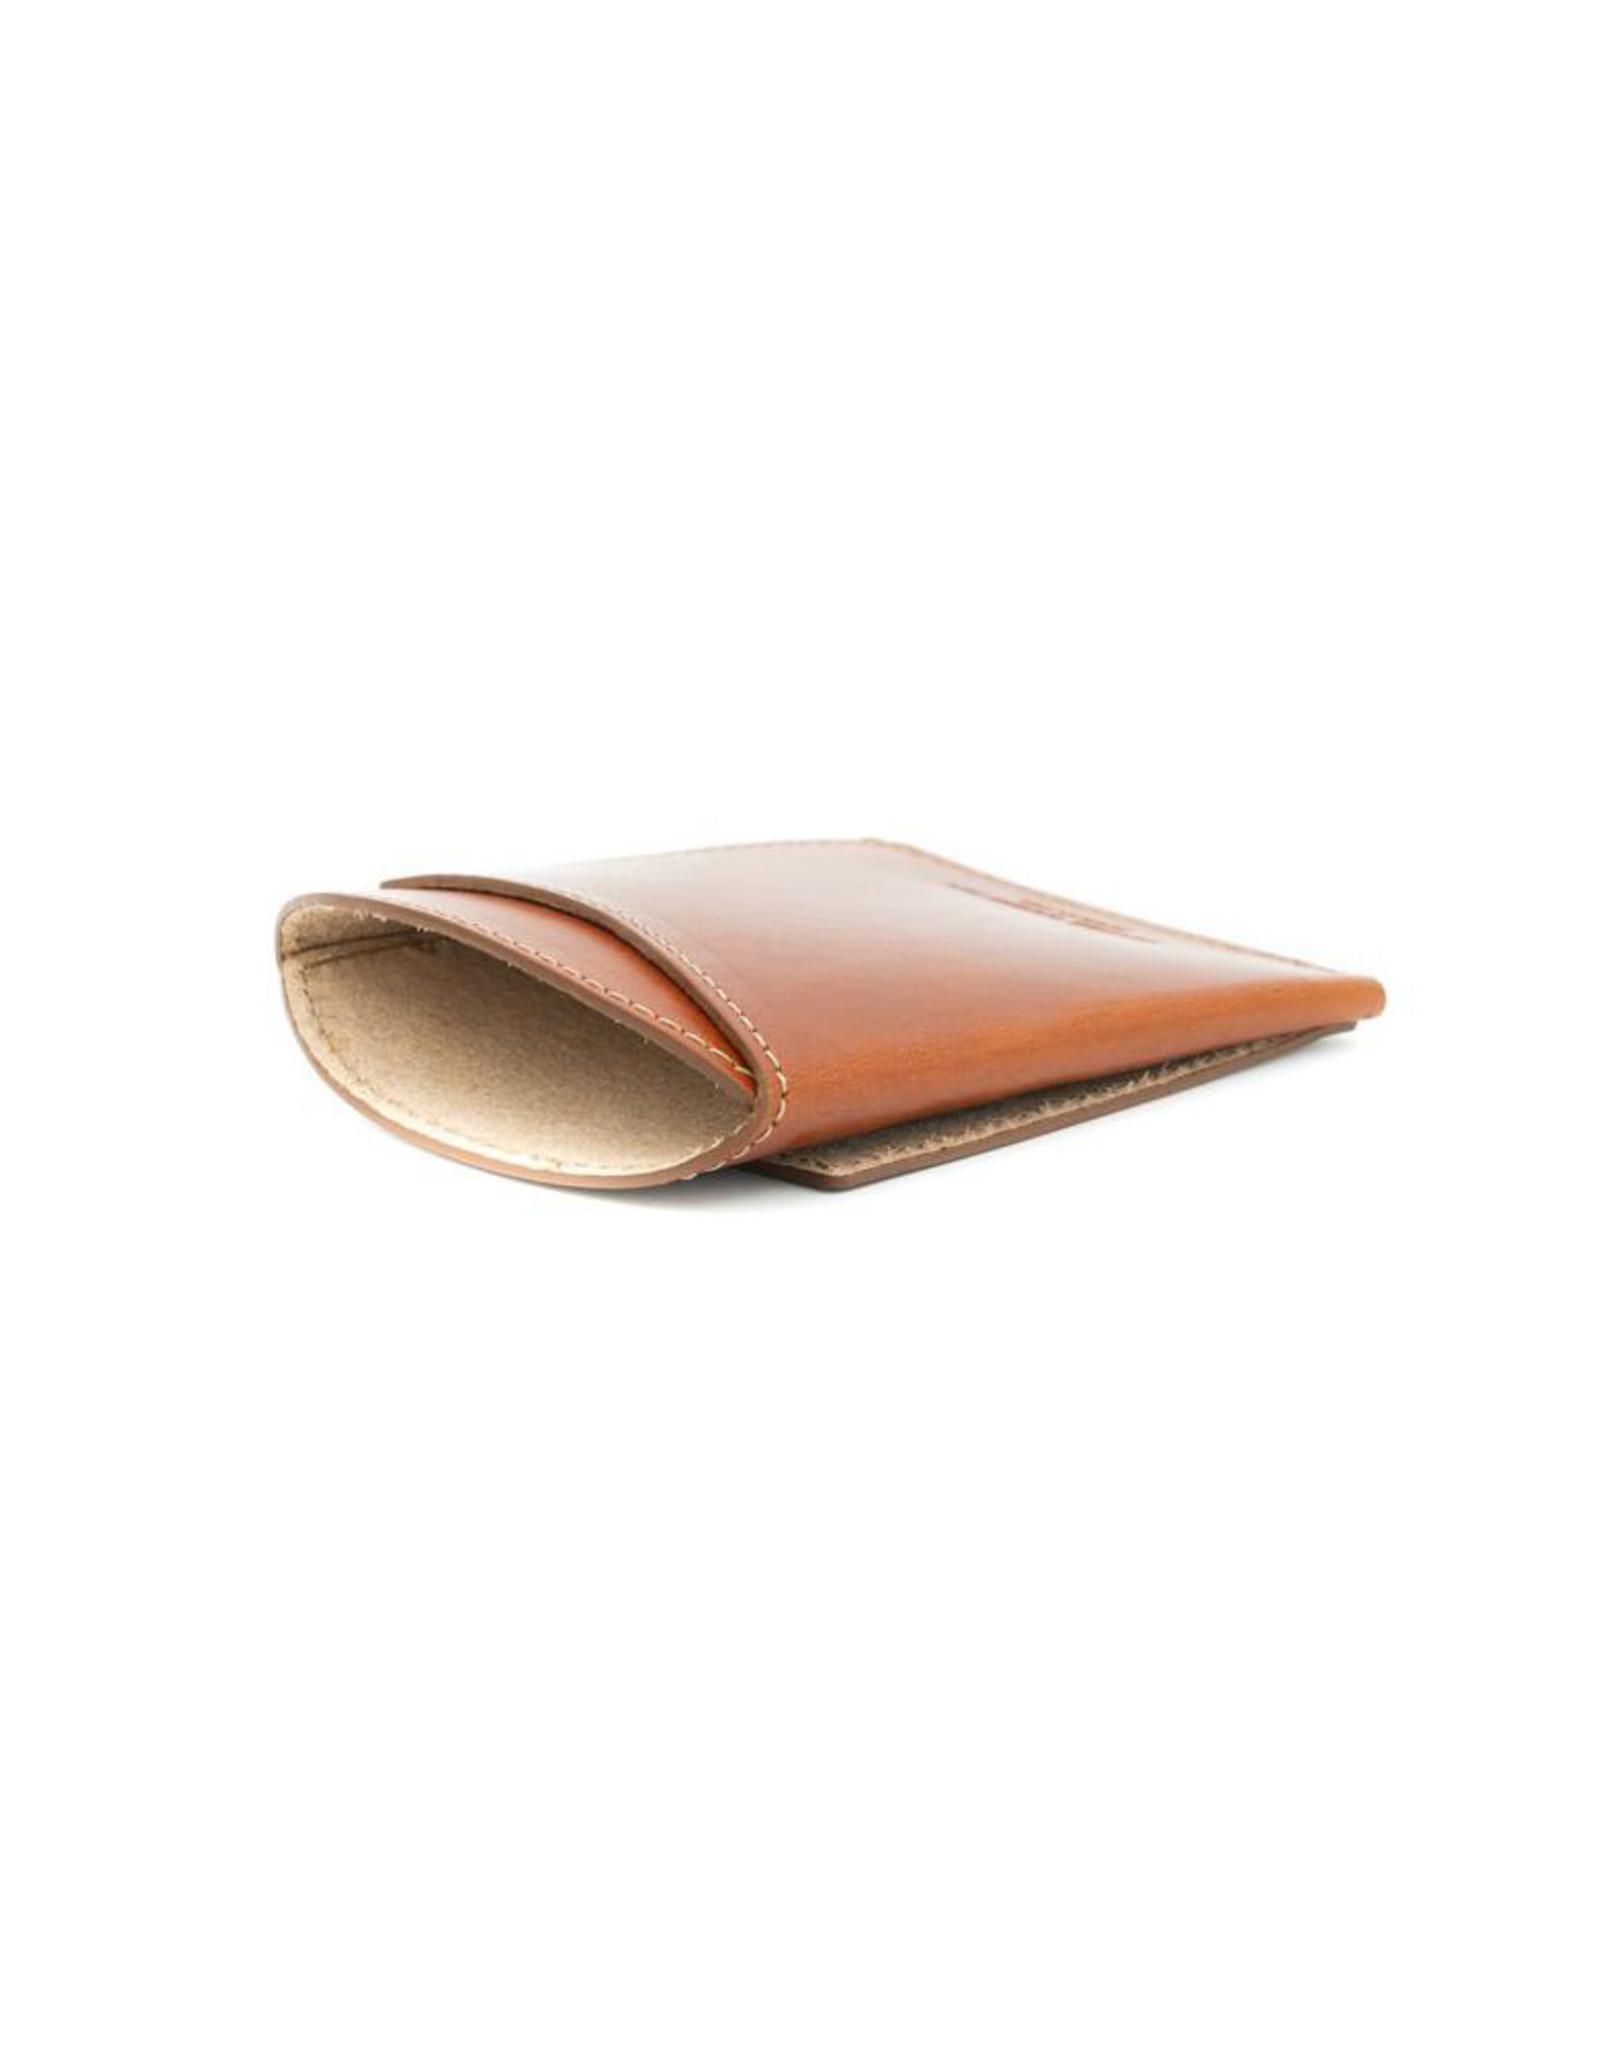 Leather Works Minnesota Front Pocket Flap Wallet Chestnut